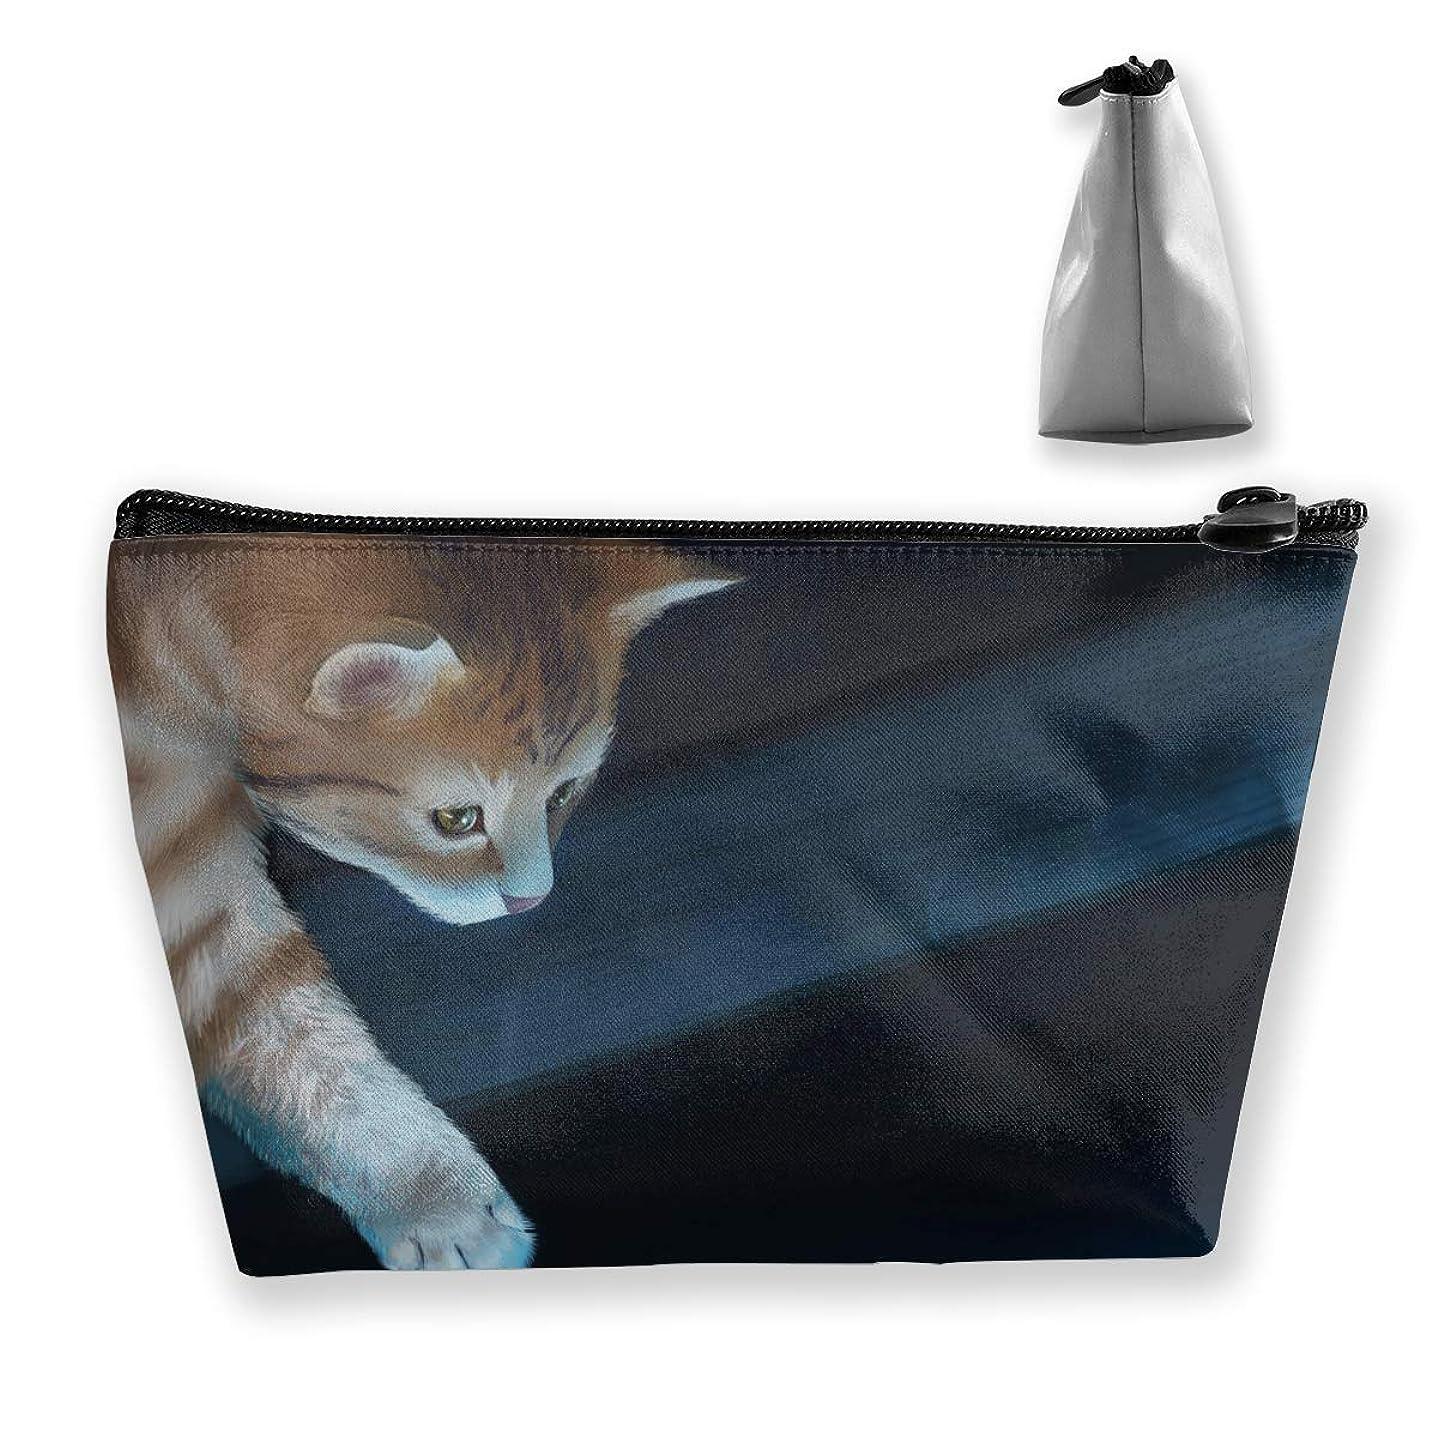 確認する中世の民主主義台形 レディース 化粧ポーチ トラベルポーチ 旅行 ハンドバッグ 猫キャット コスメ メイクポーチ コイン 鍵 小物入れ 化粧品 収納ケース